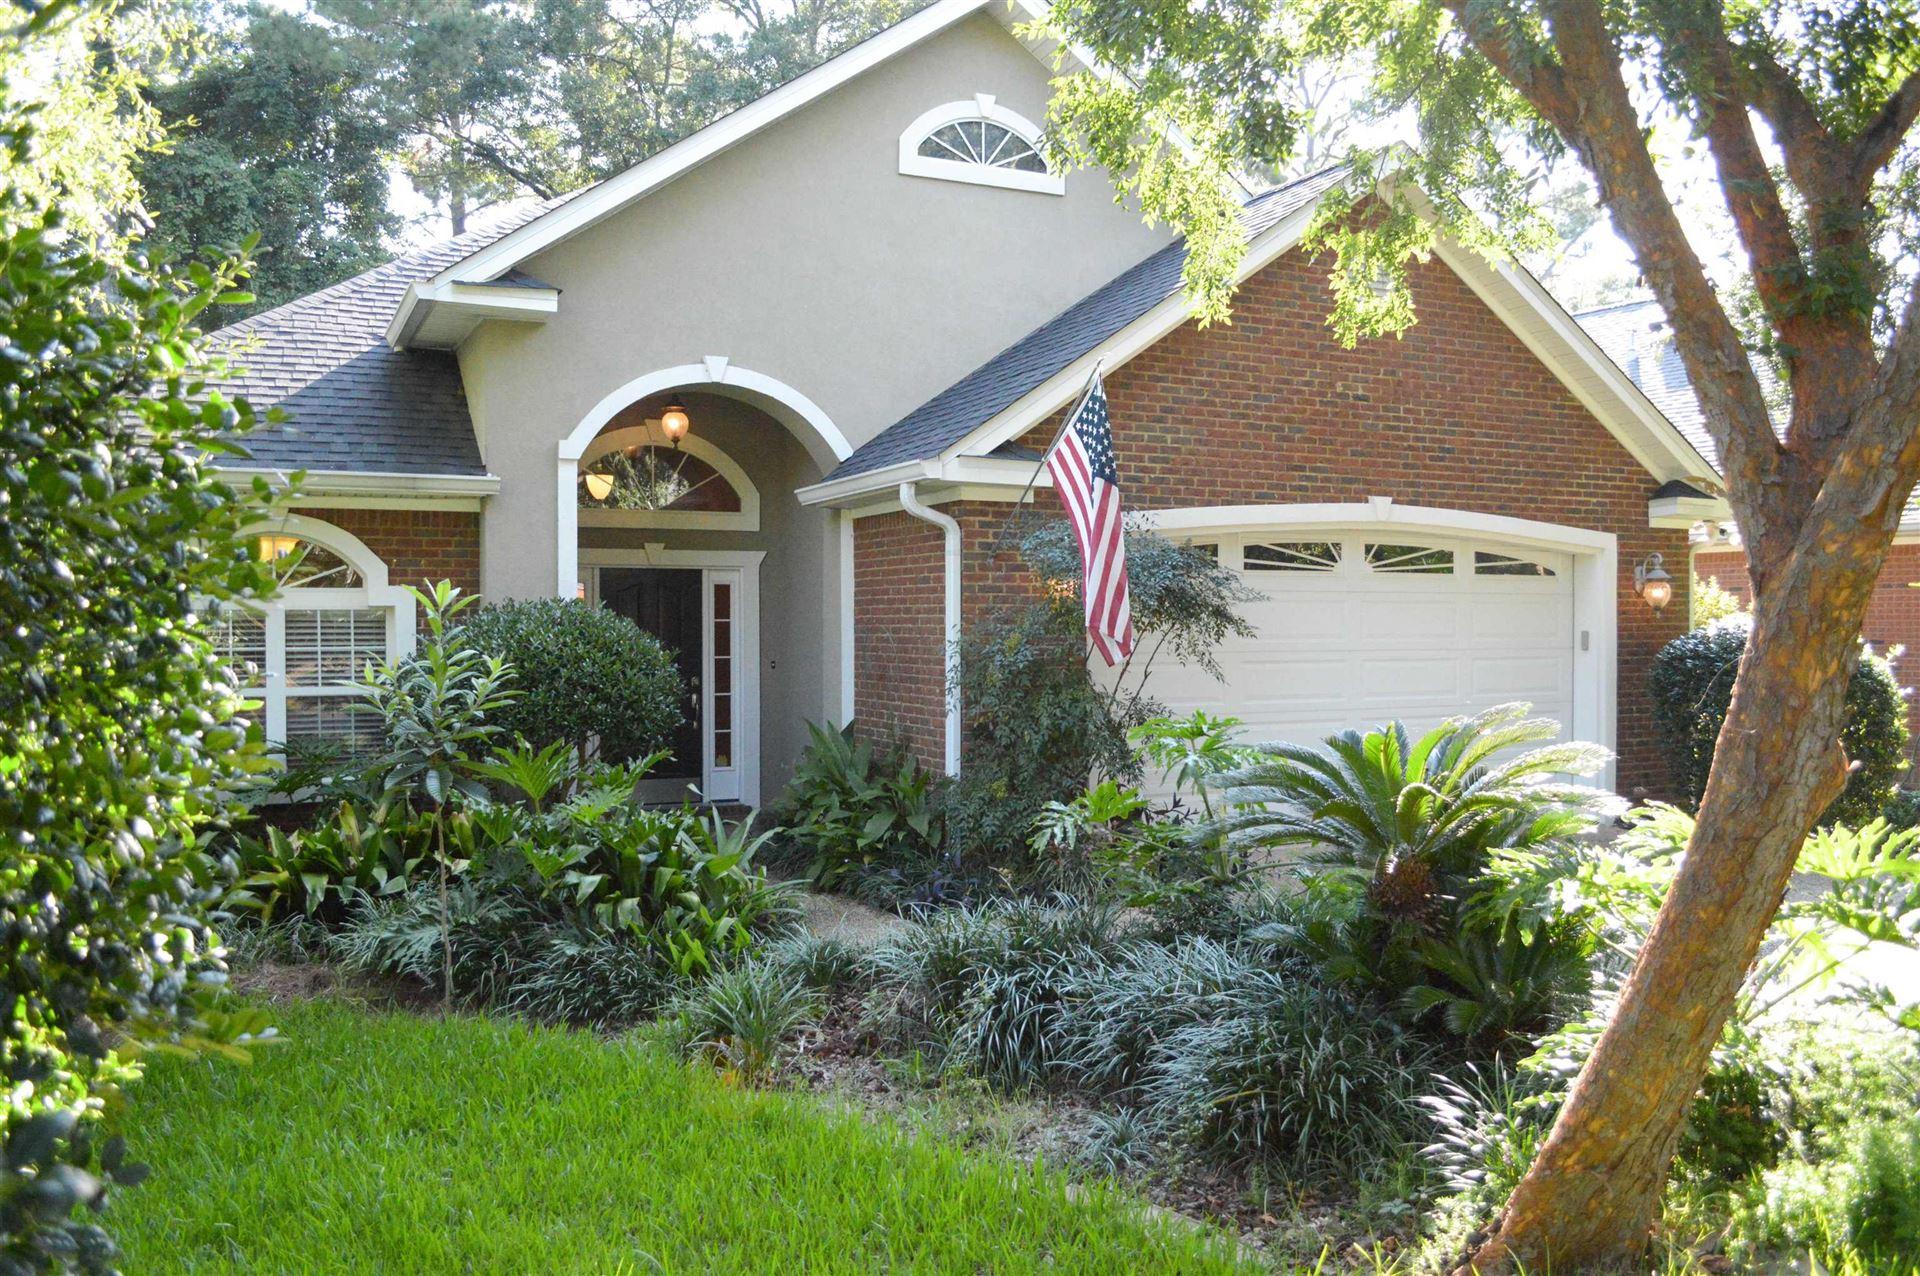 9087 Ridgeview TRL, Tallahassee, FL 32312 - MLS#: 335039